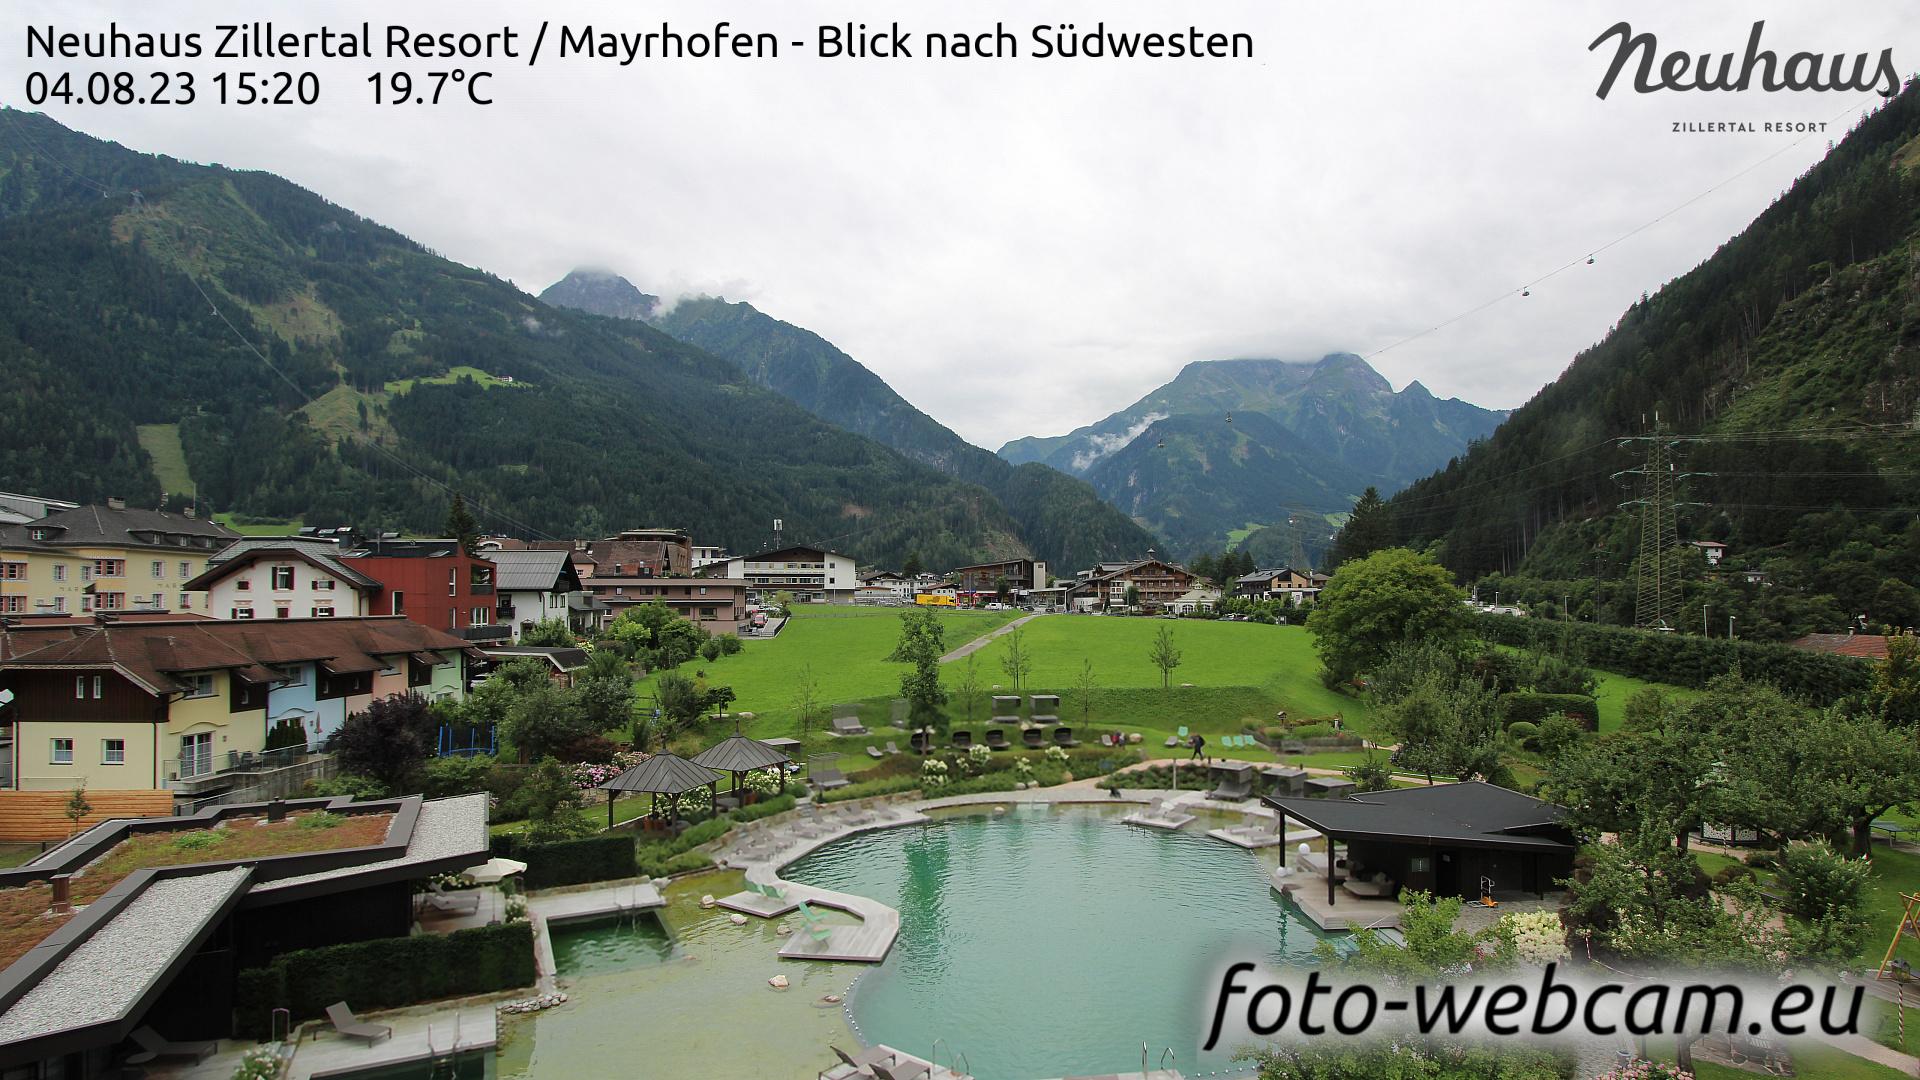 Mayrhofen Sun. 15:33